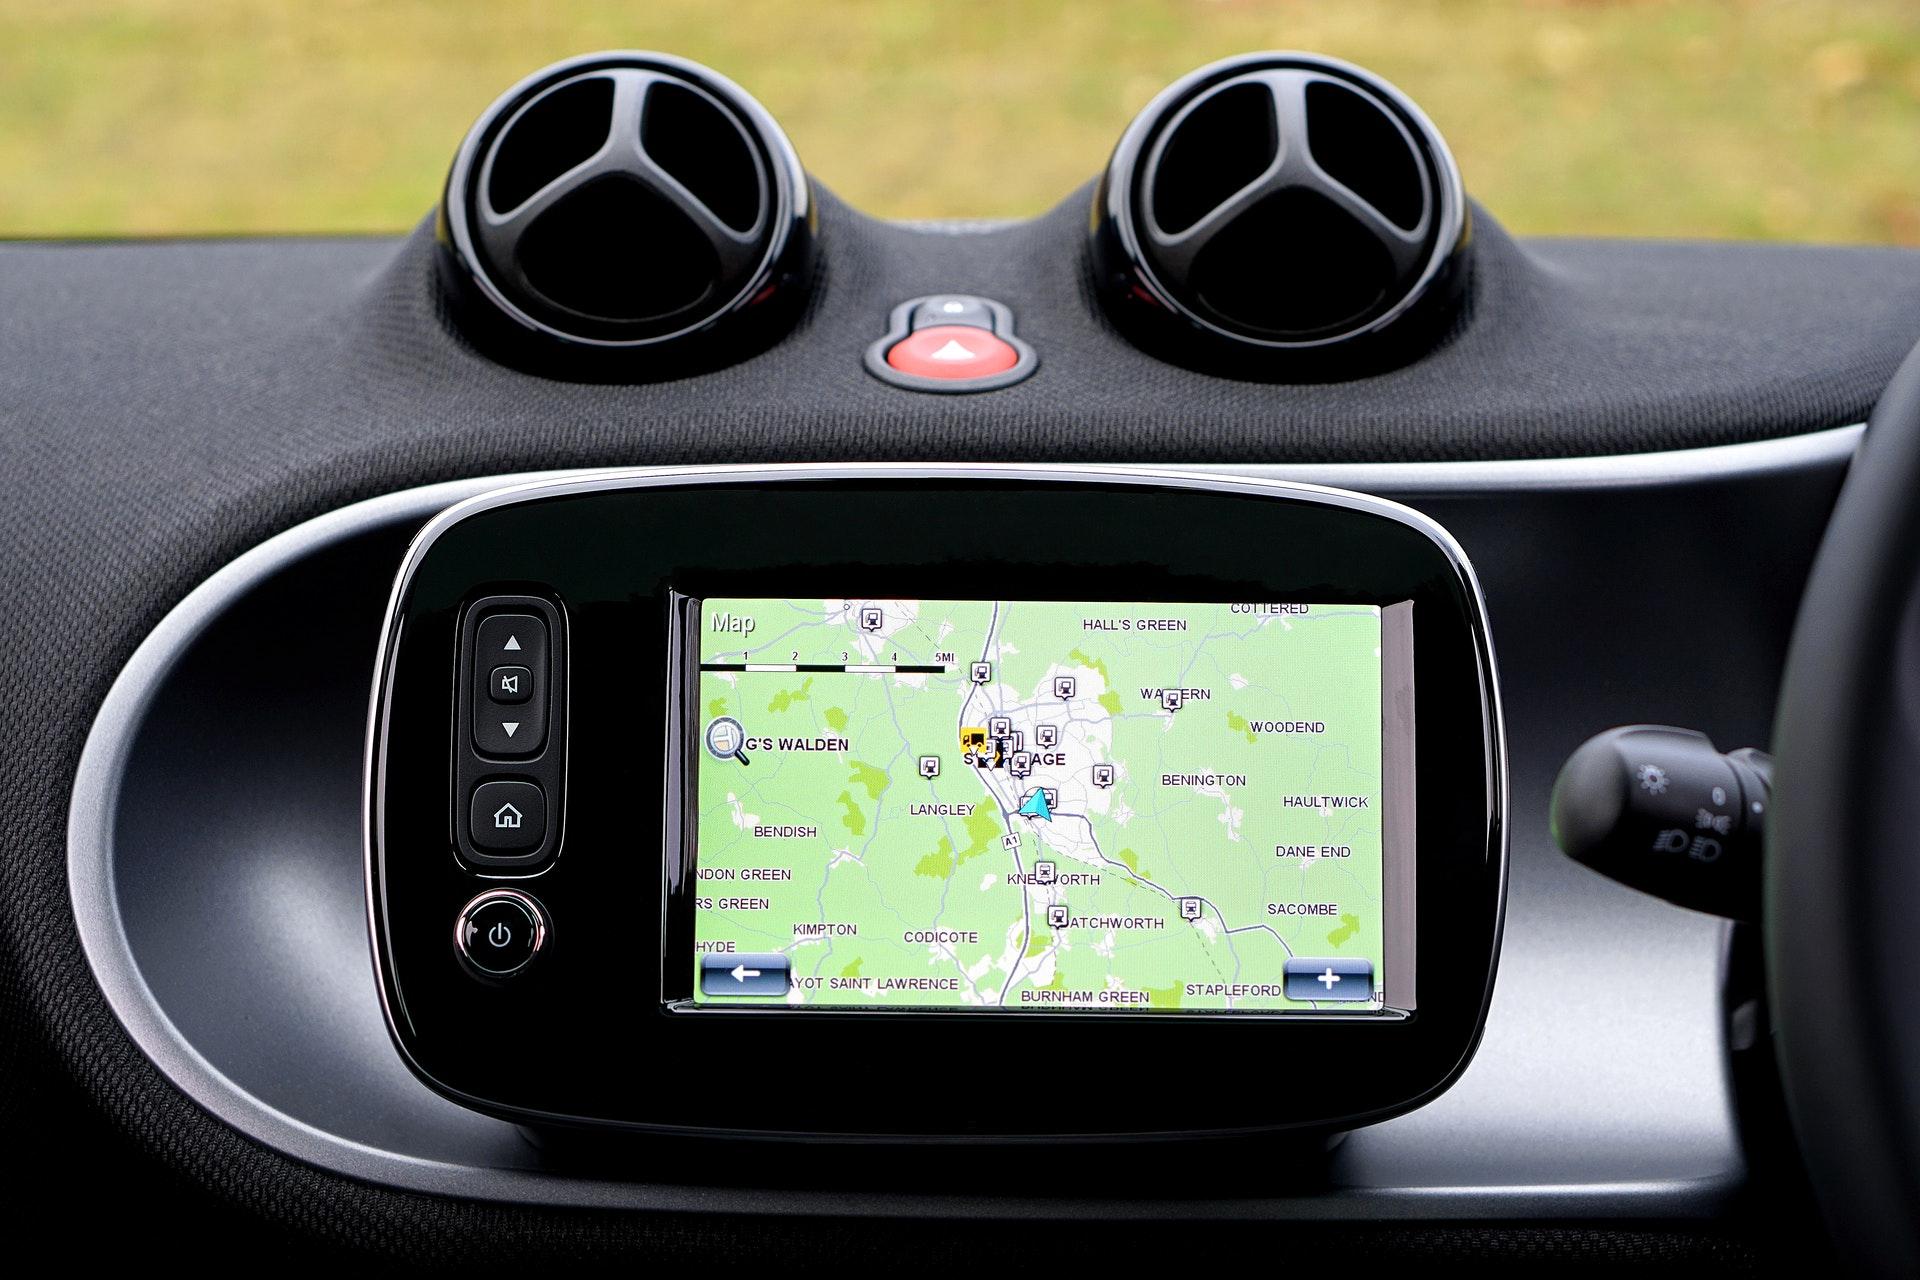 zdjęcie GPS w samochodzie z viaTOLL